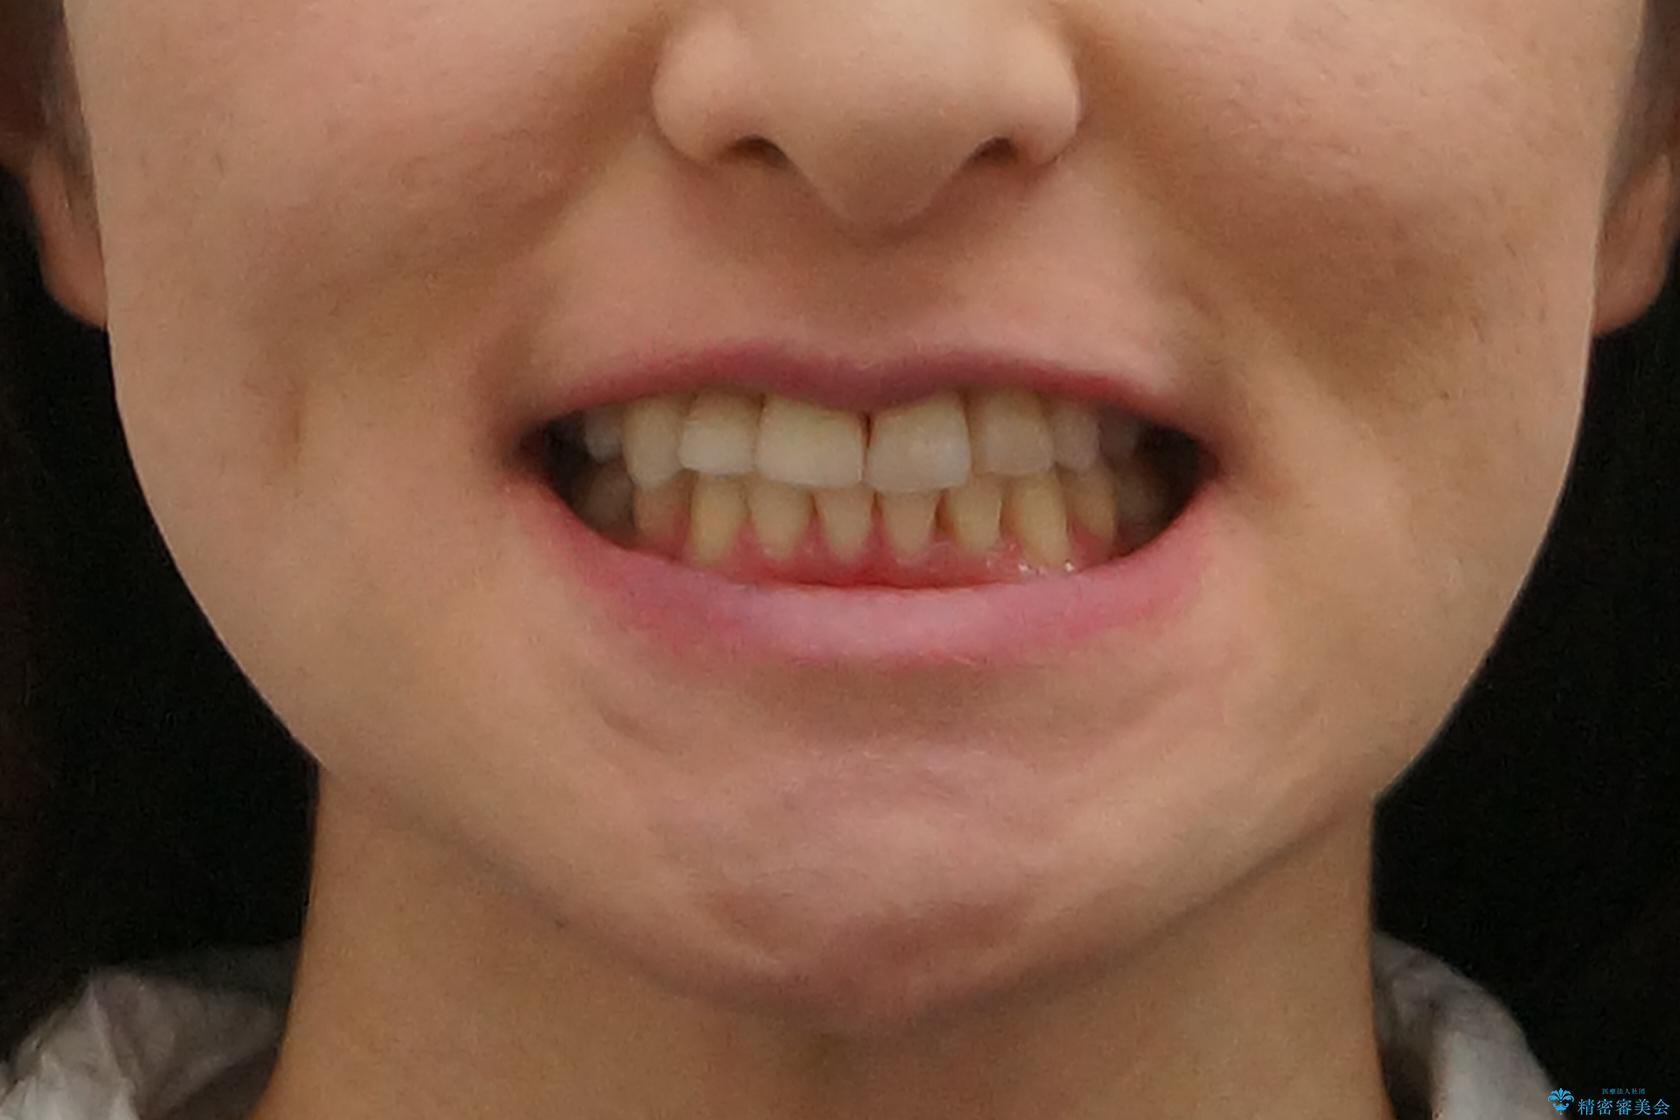 前歯がグラグラする 他院で、もうできることがないと言われたの治療後(顔貌)